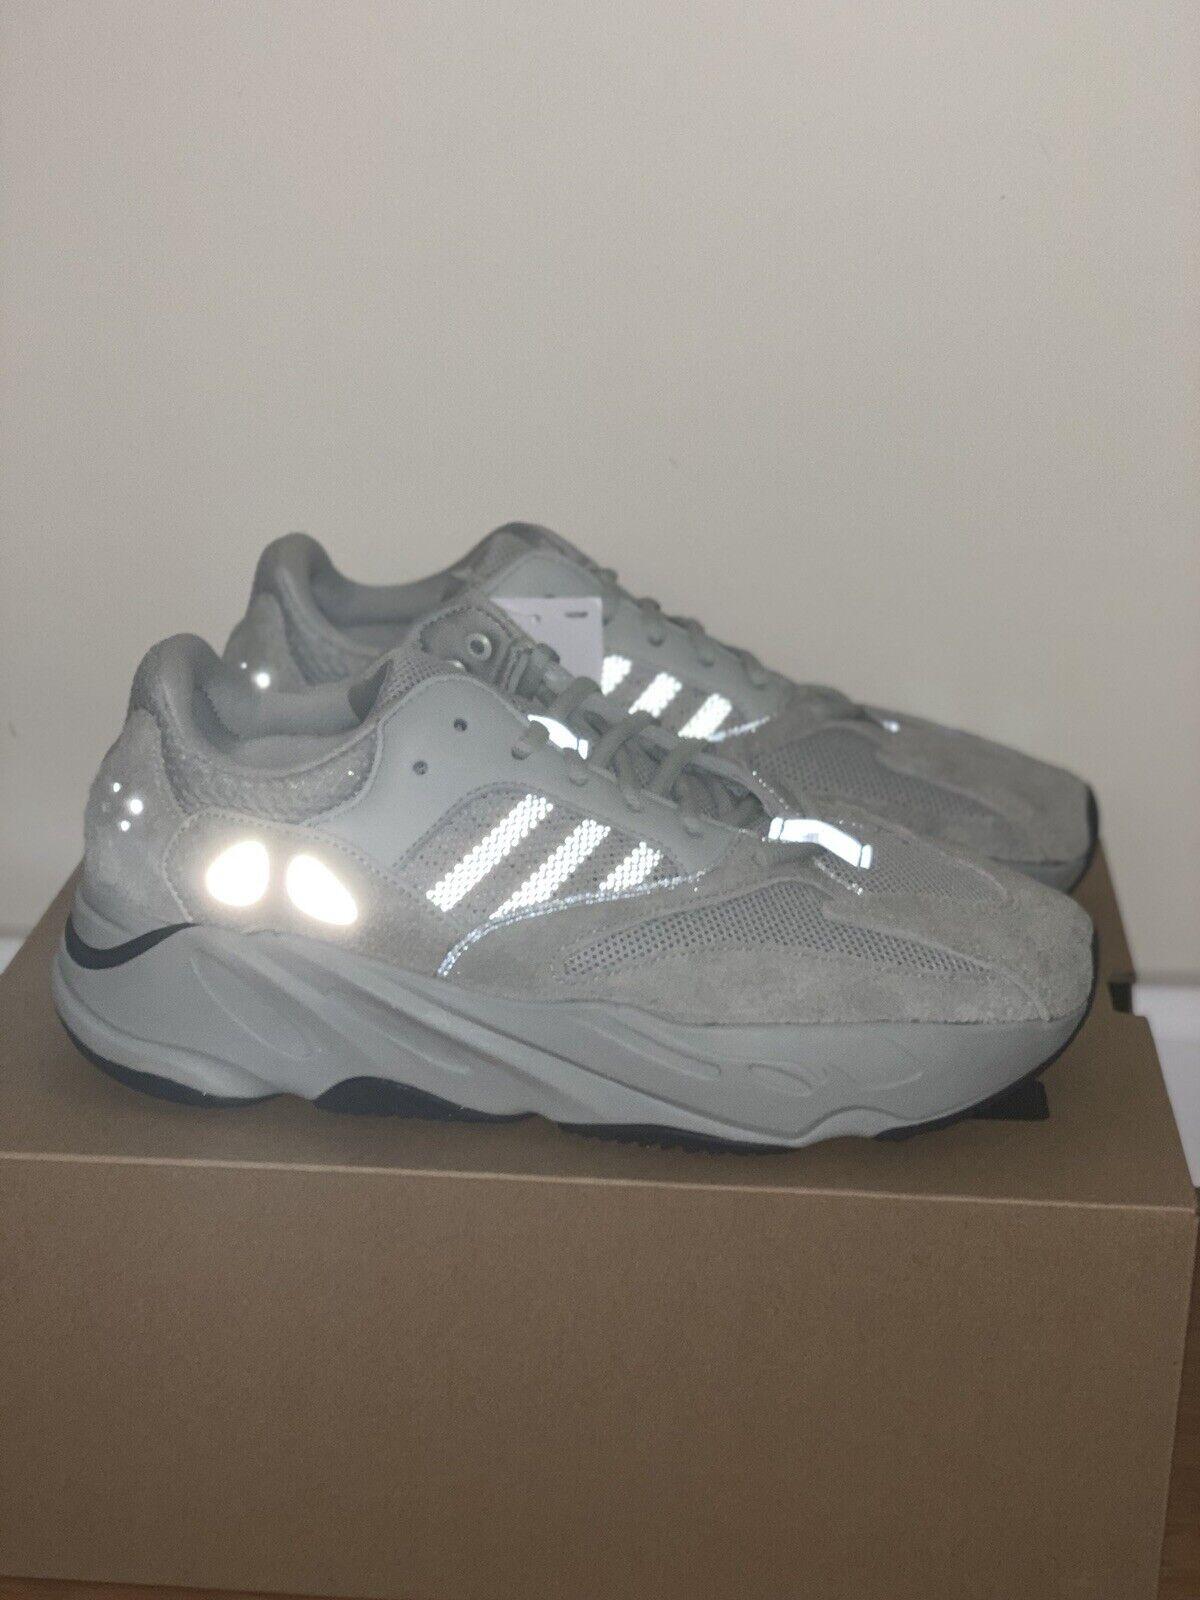 Adidas Yeezy Boost 700 Salt - Size 6.5 EG7487 100% Authentic